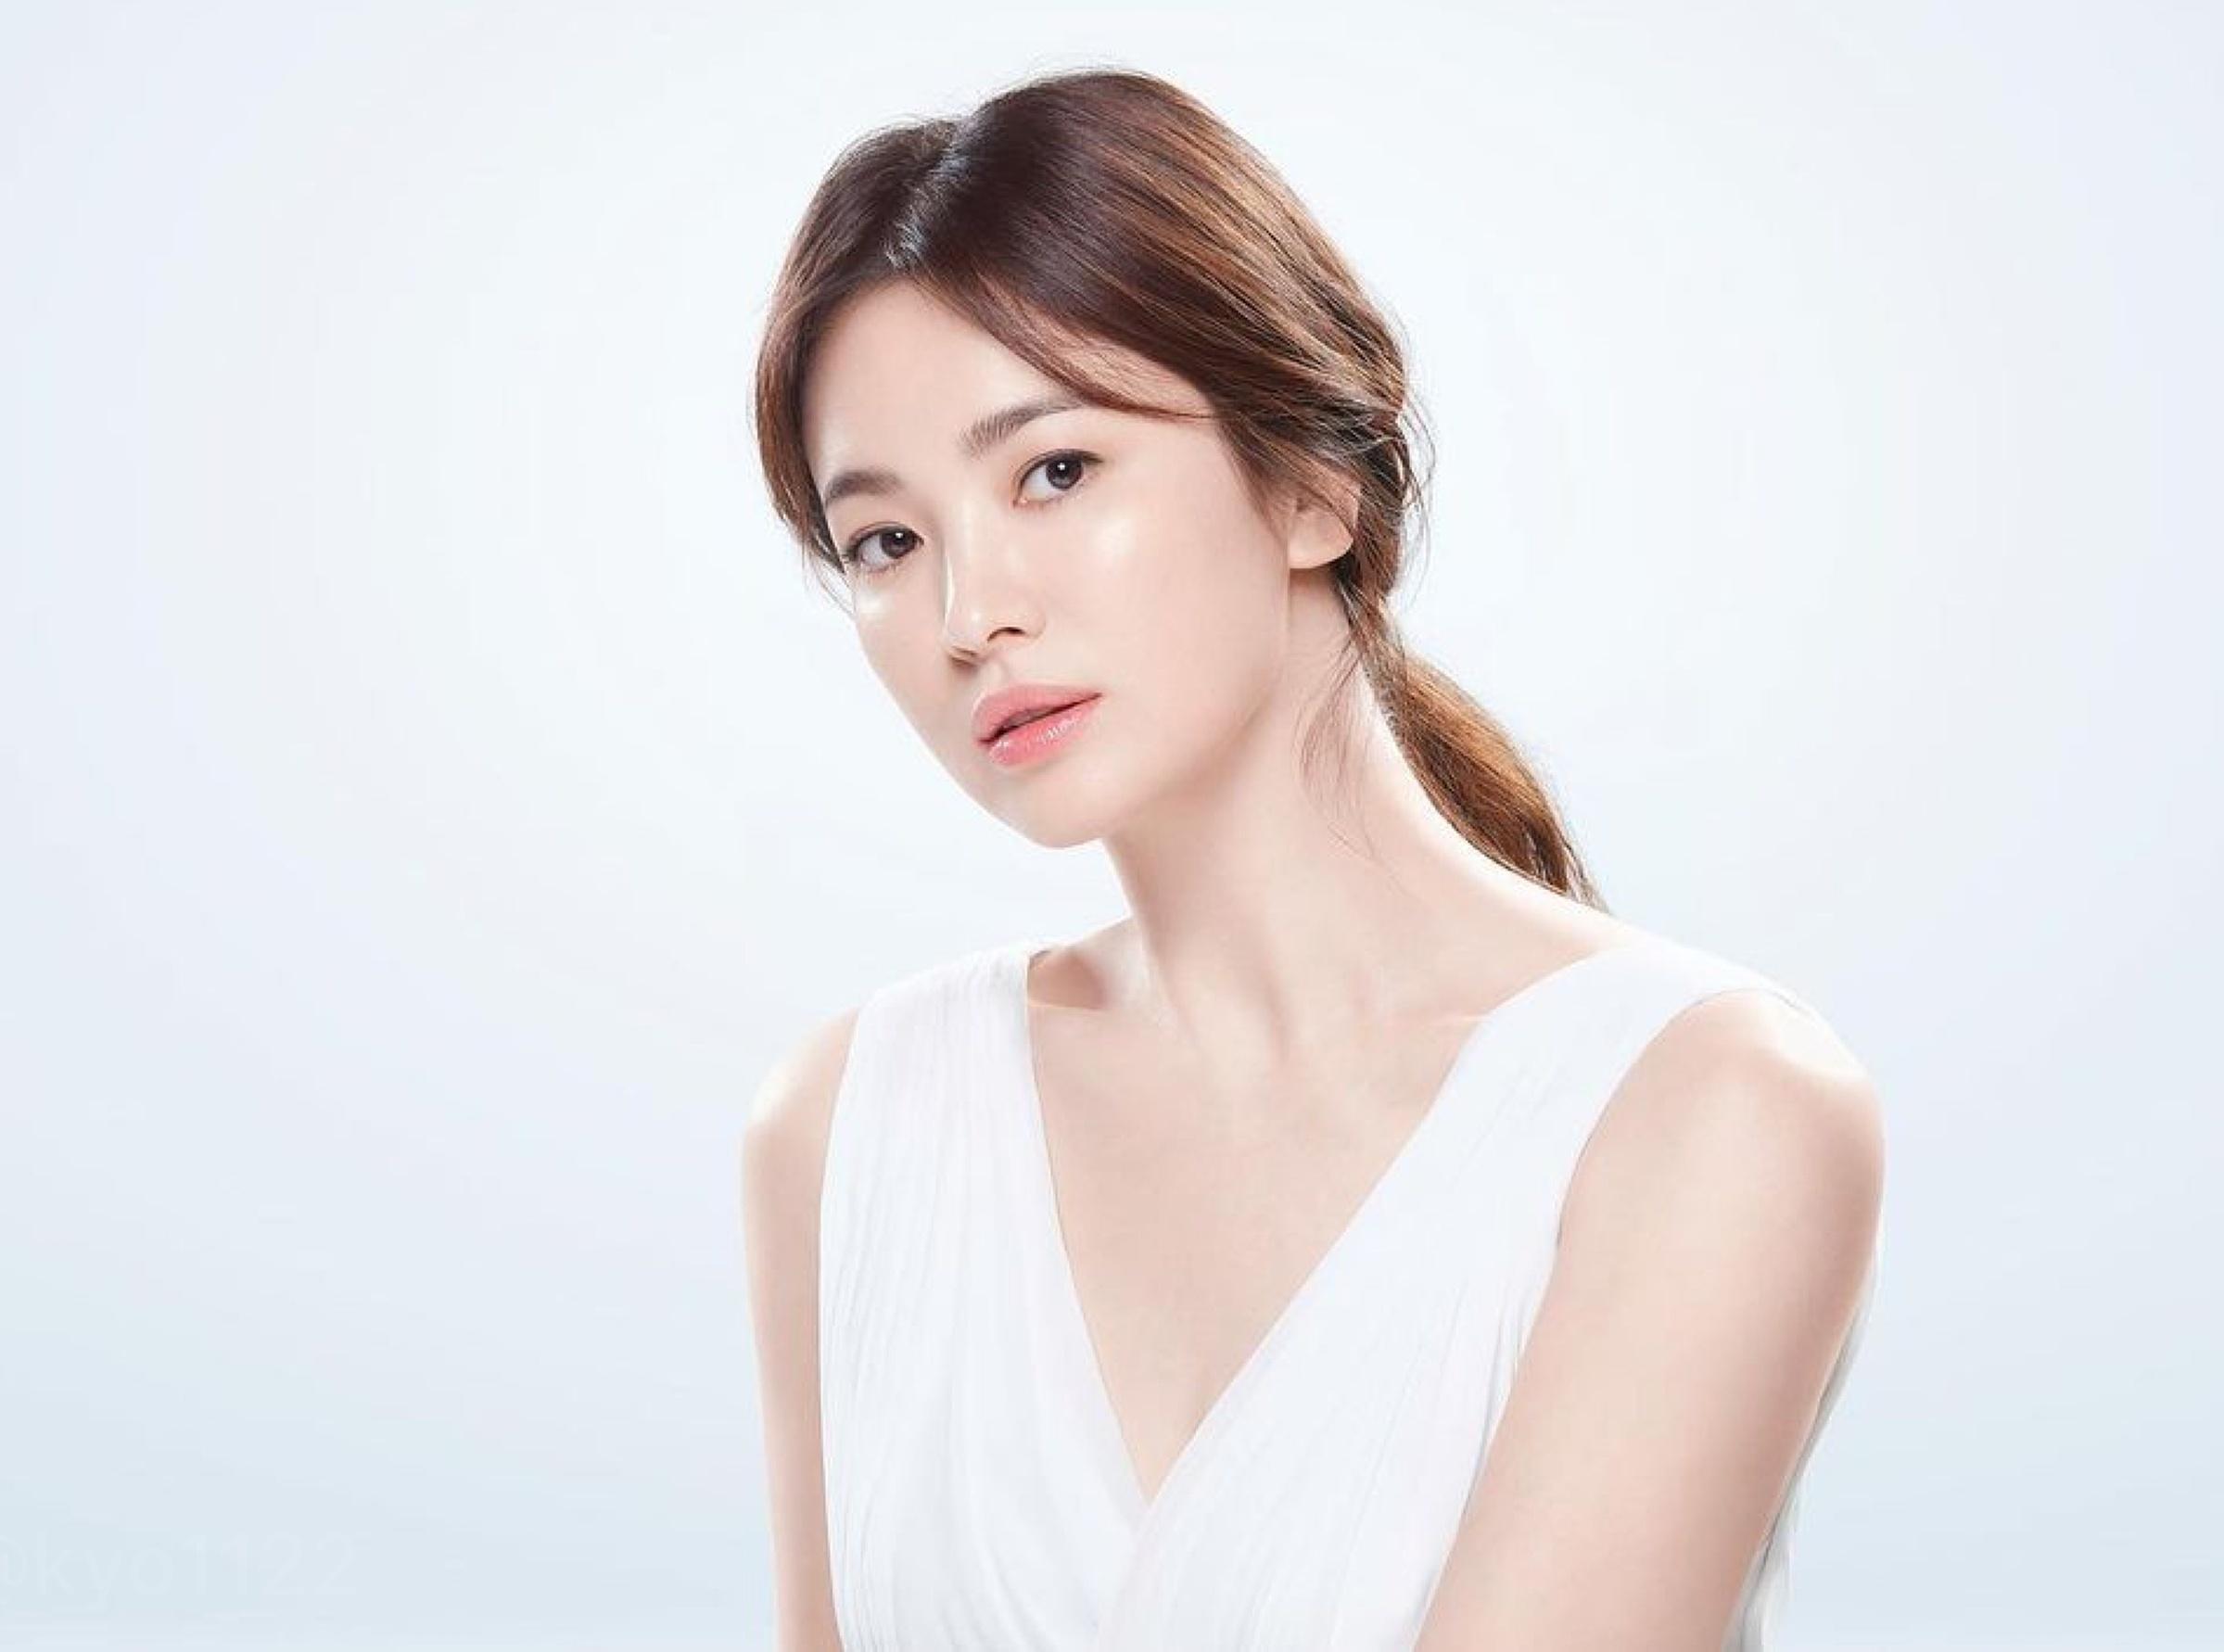 Minh tinh vẫn giữ sắc vóc trẻ trung ở tuổi 41. Trang cá nhân của cô có đến 11,8 triệu lượt theo dõi - cao gấp 10 hoặc 20 lần so với các diễn viên ra mắt cùng thời điểm.